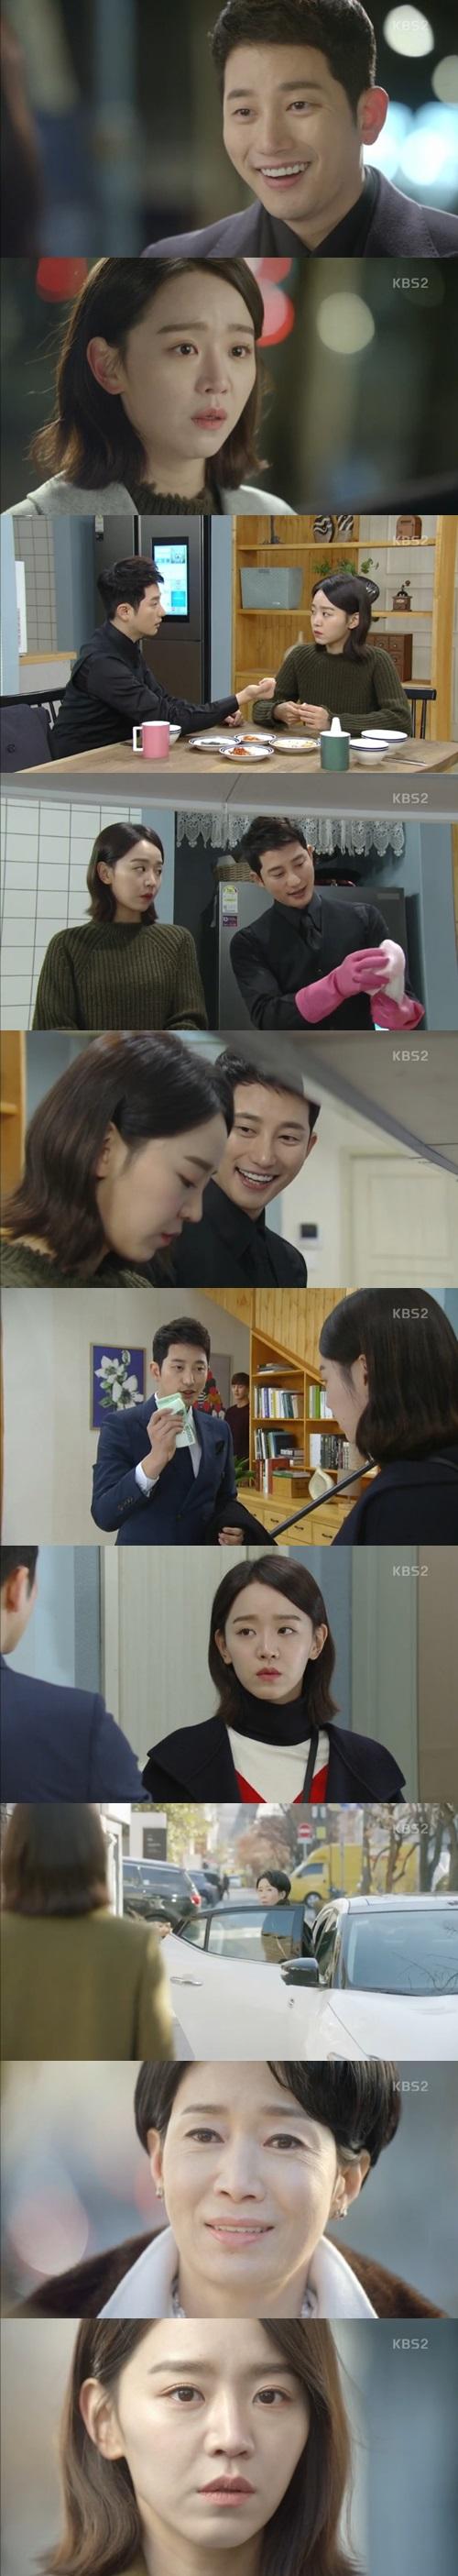 [어제TV]'황금빛내인생' 박시후♥신혜선, 나영희 눈치채나